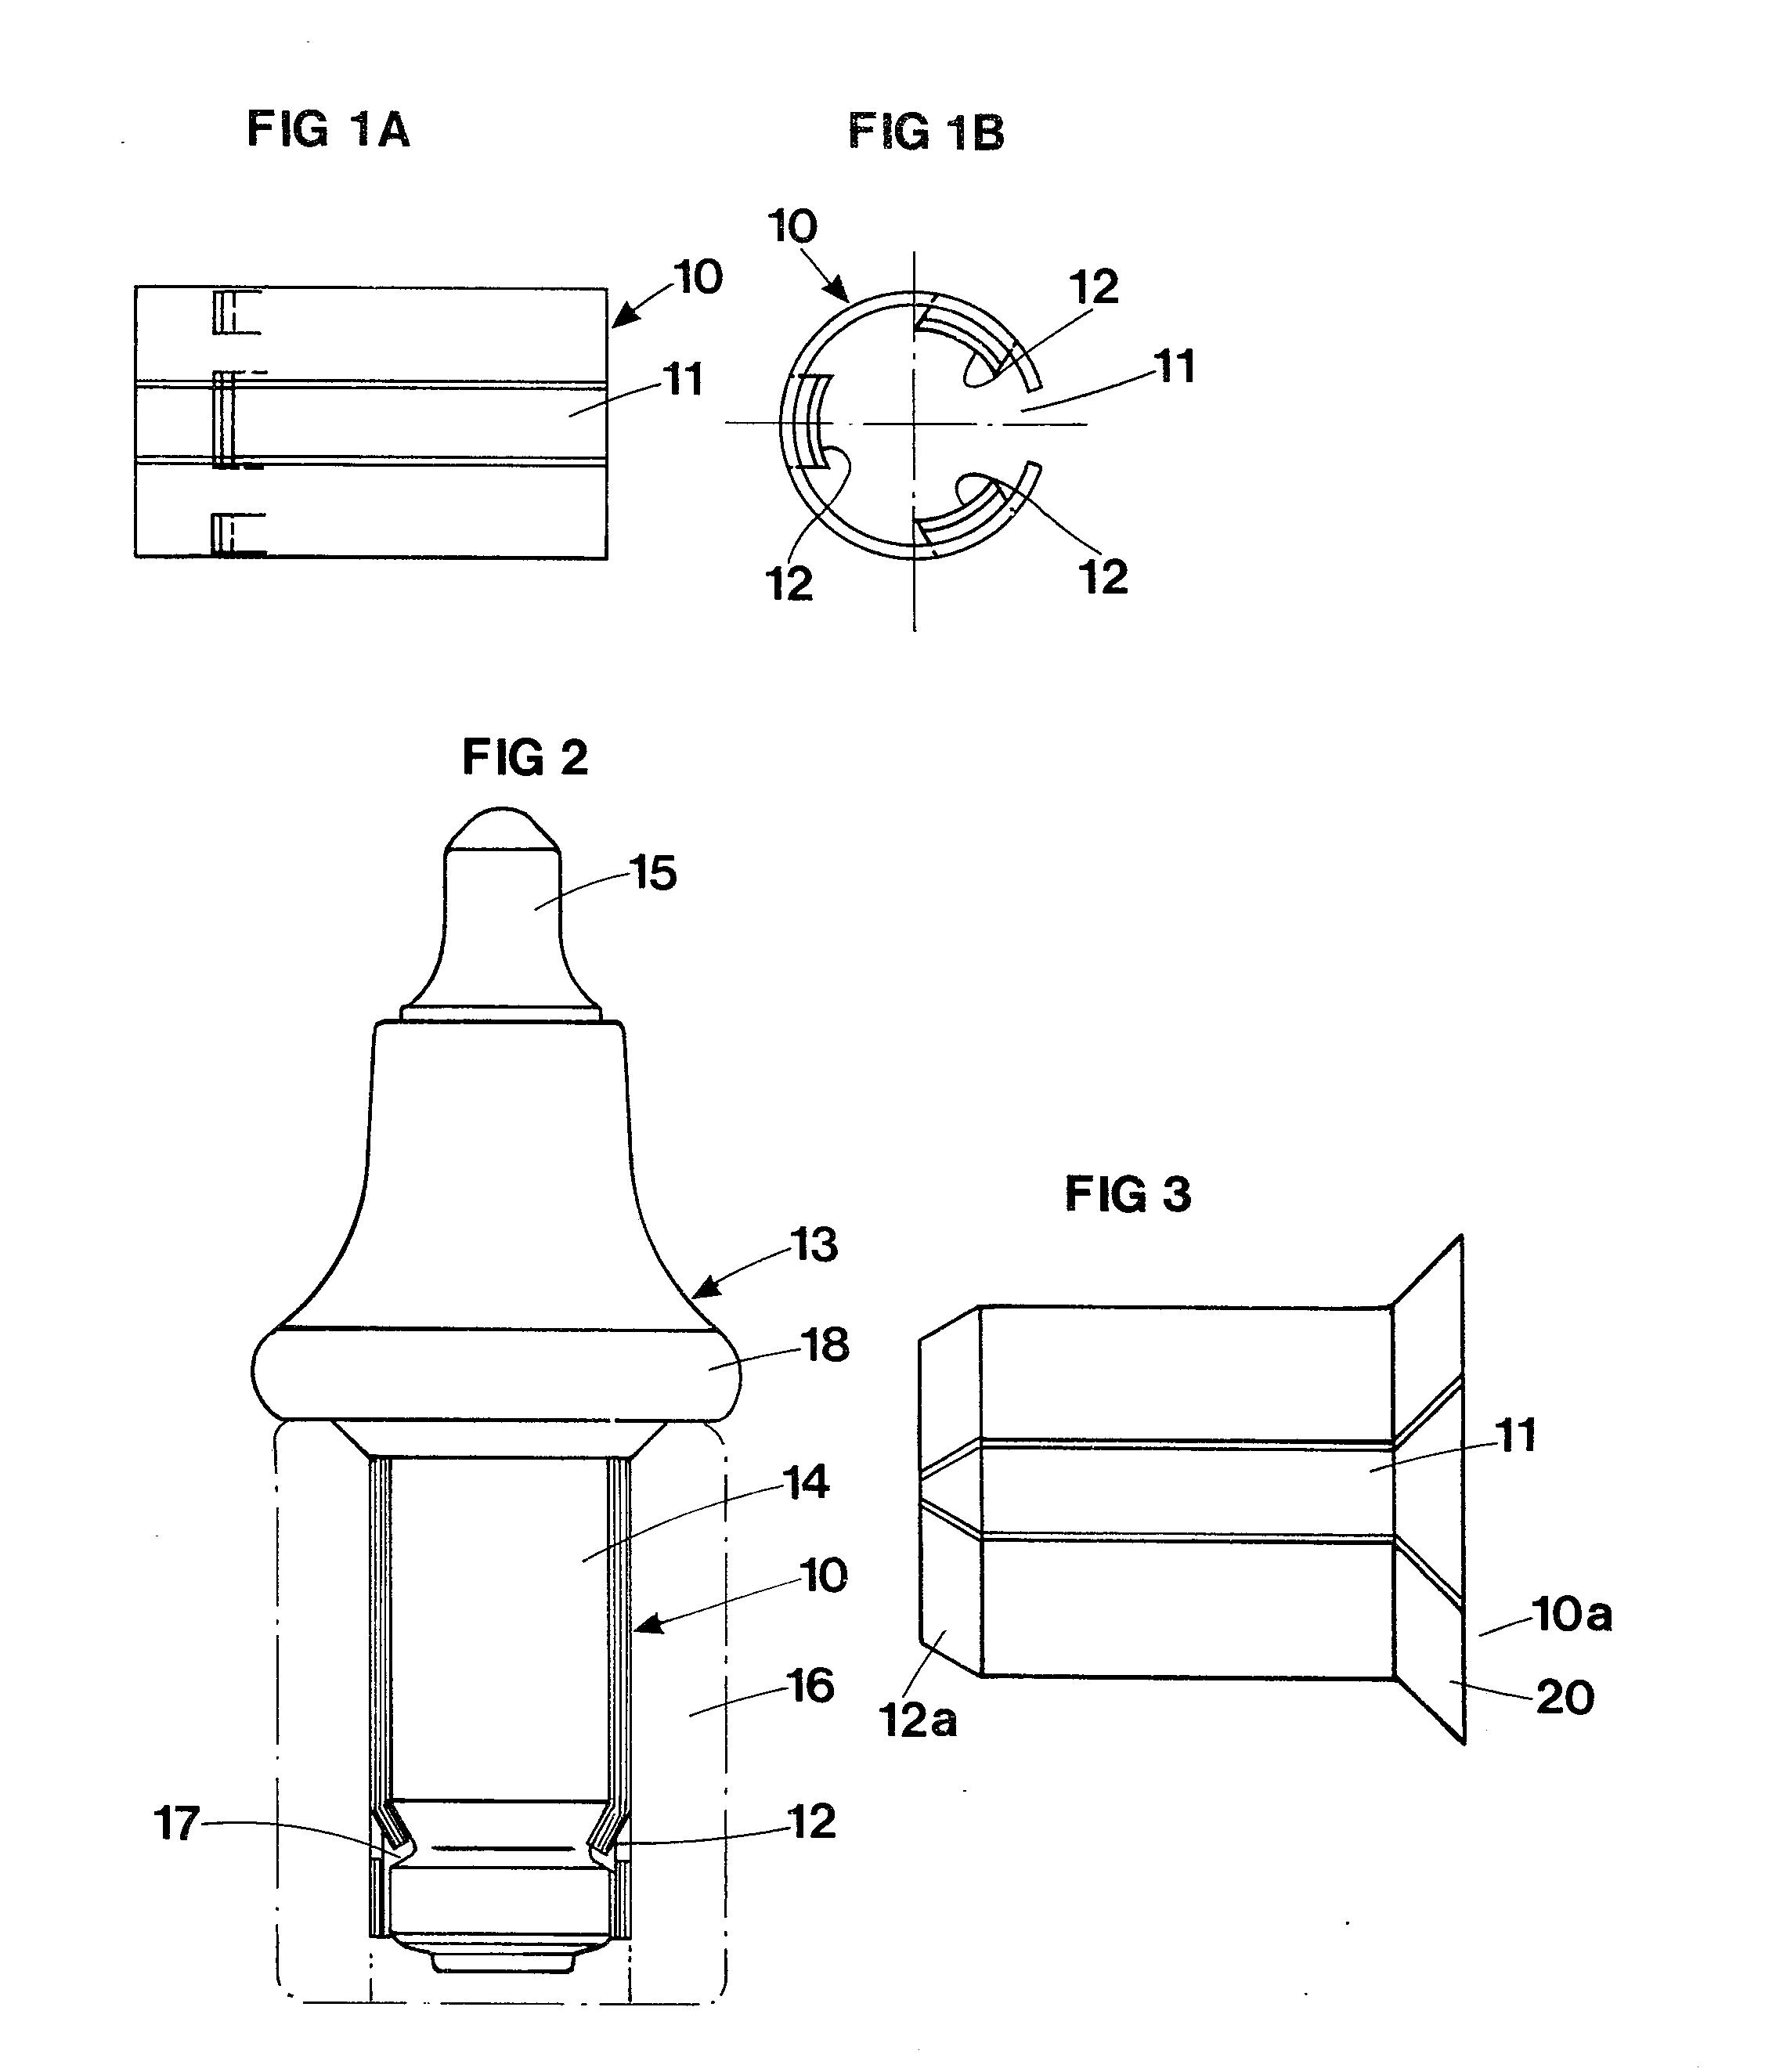 patent ep0295232a1 werkzeug zum brechen schneiden oder bearbeiten von festen materialien. Black Bedroom Furniture Sets. Home Design Ideas